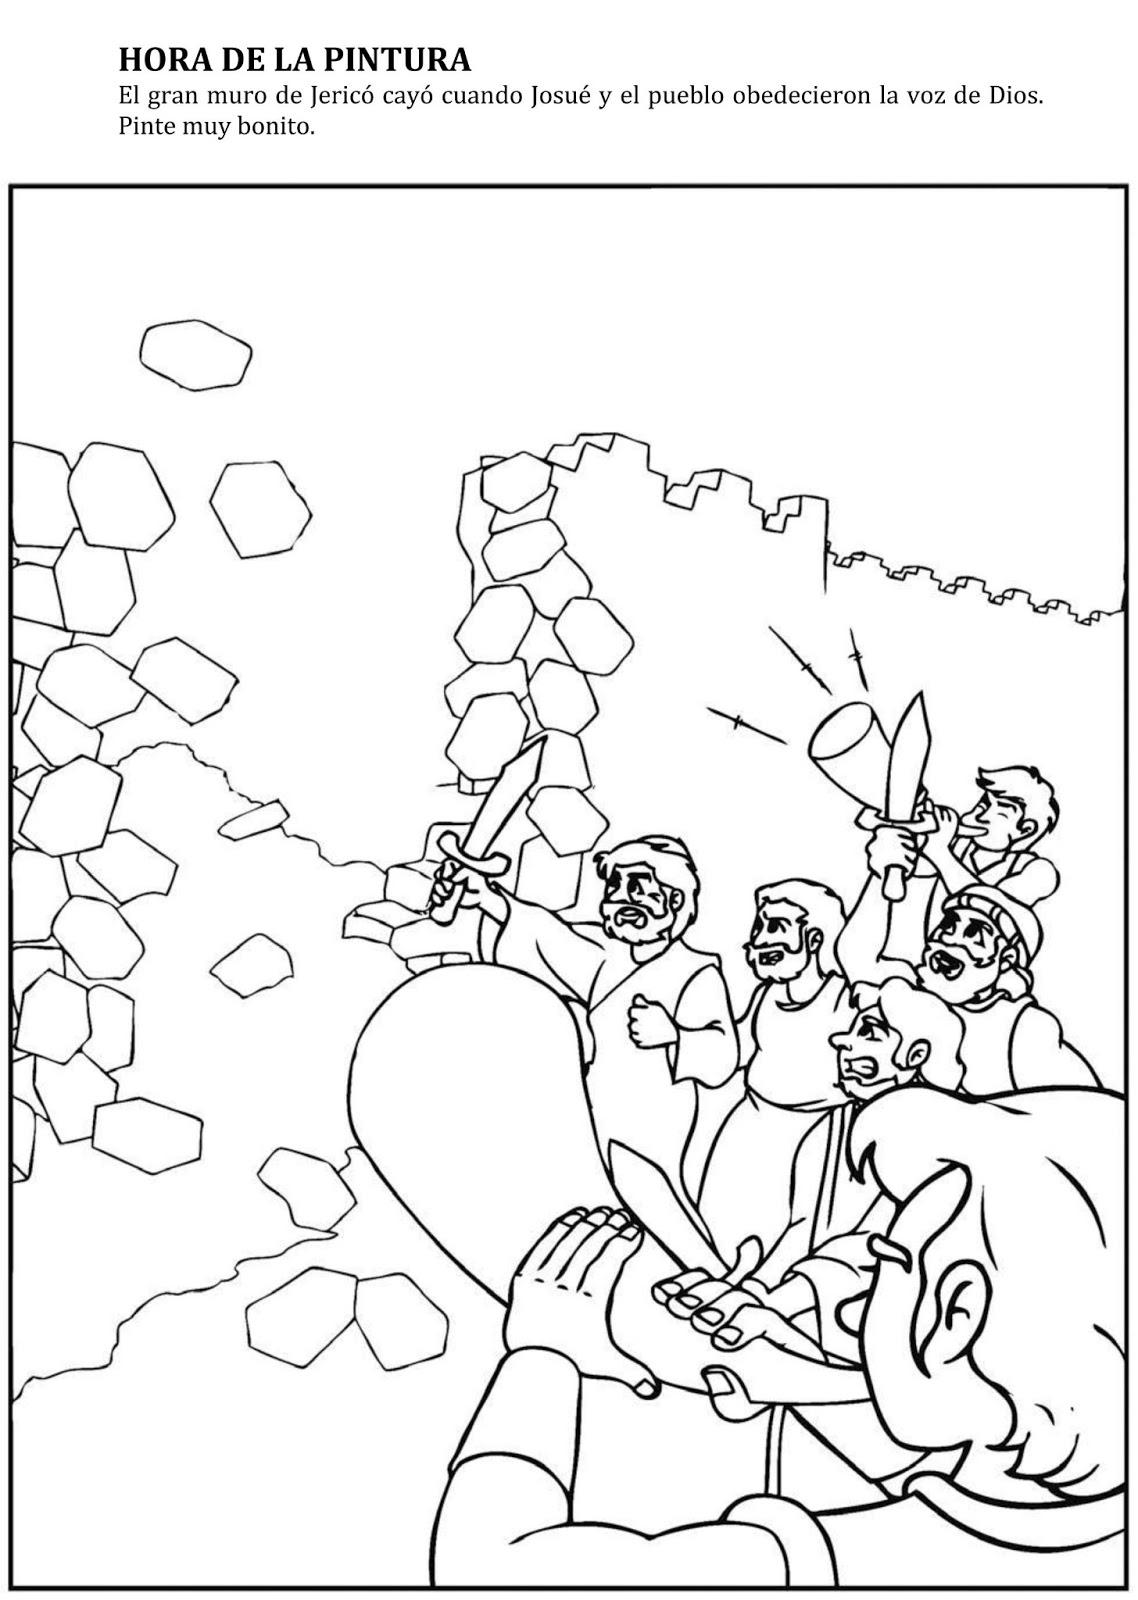 La Caida De Las Murallas De Jerico